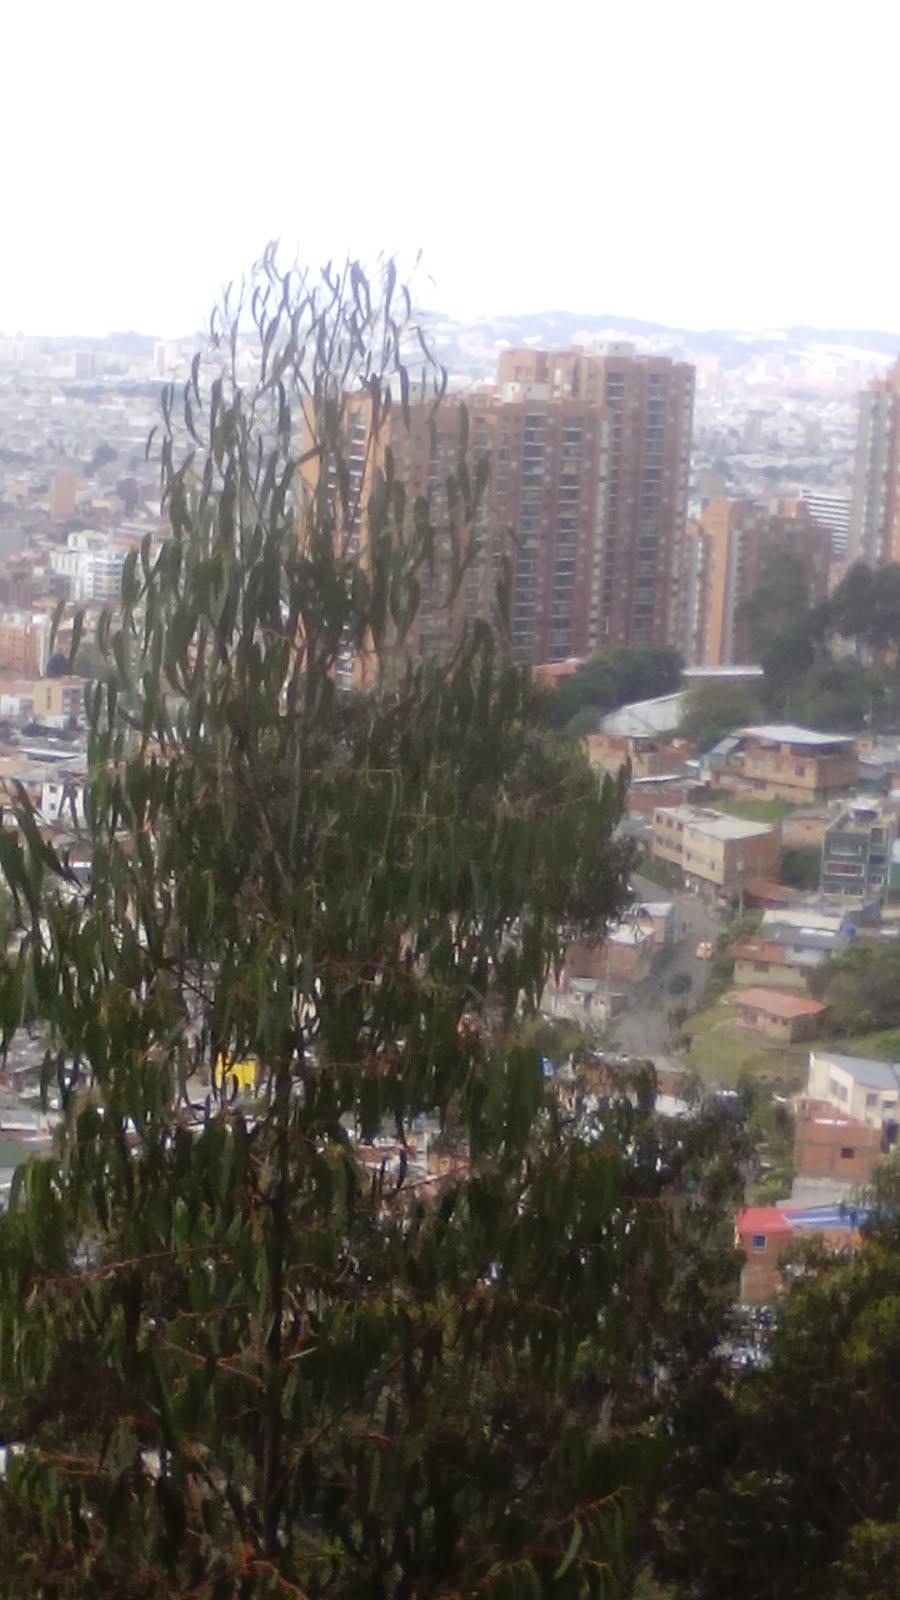 Vista de Bogotá desde la Quebrada Las Delicias